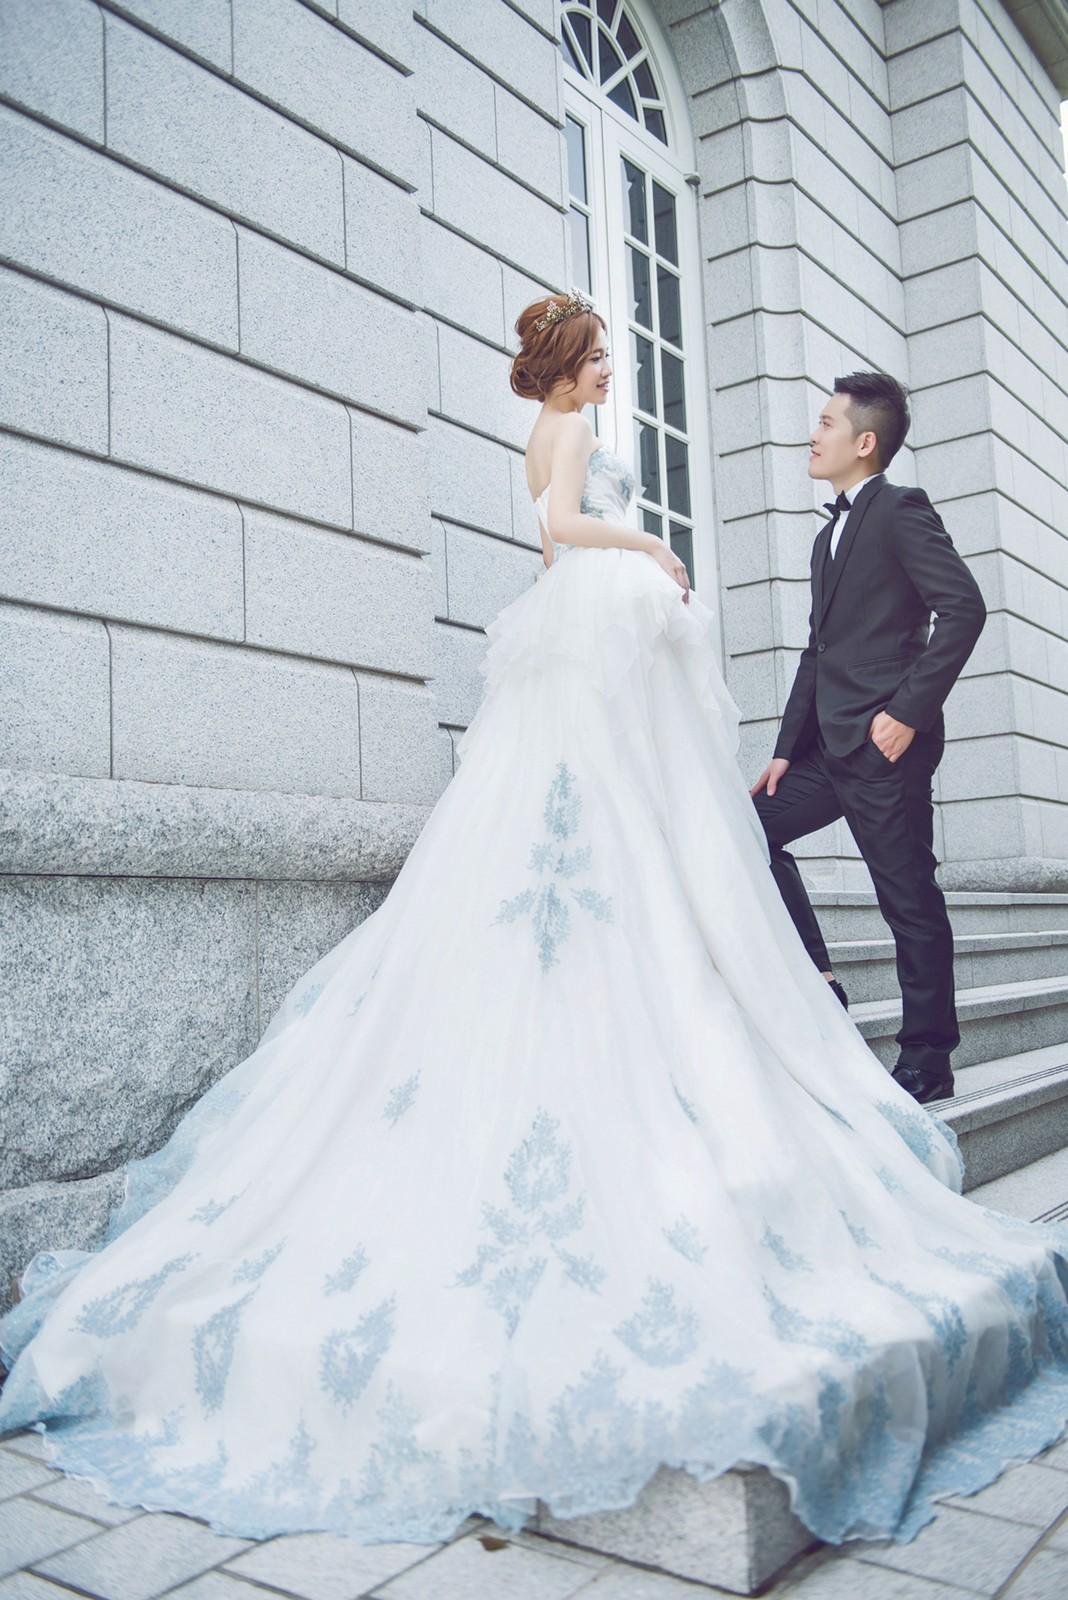 台南 婚紗,台南 婚紗工作室,台南 婚紗店,台南拍婚紗,台南 婚紗攝影,台南 婚紗照,台南 自助婚紗